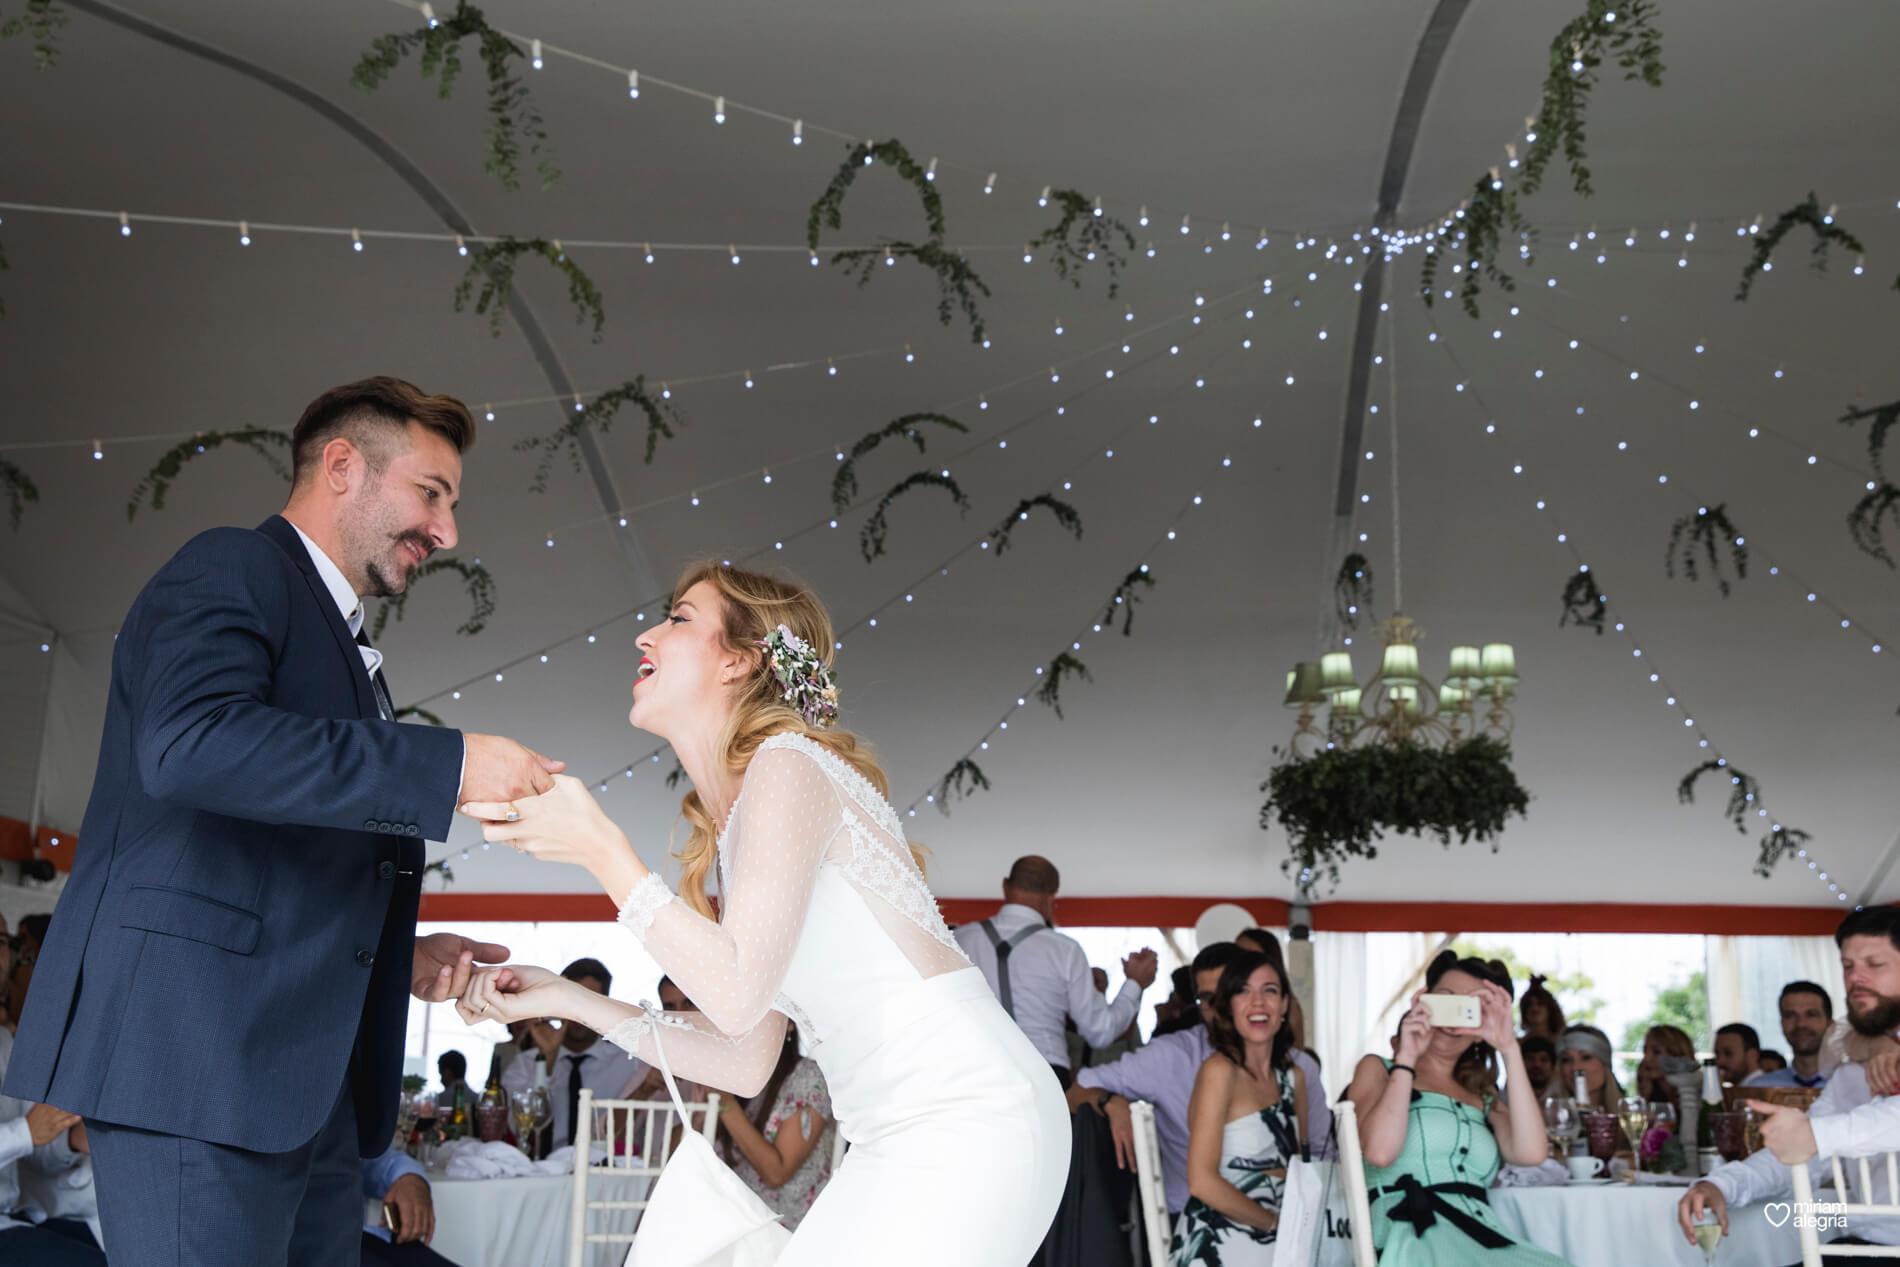 boda-en-finca-villa-vera-de-alemc7-miriam-alegria-fotografos-boda-murcia-196